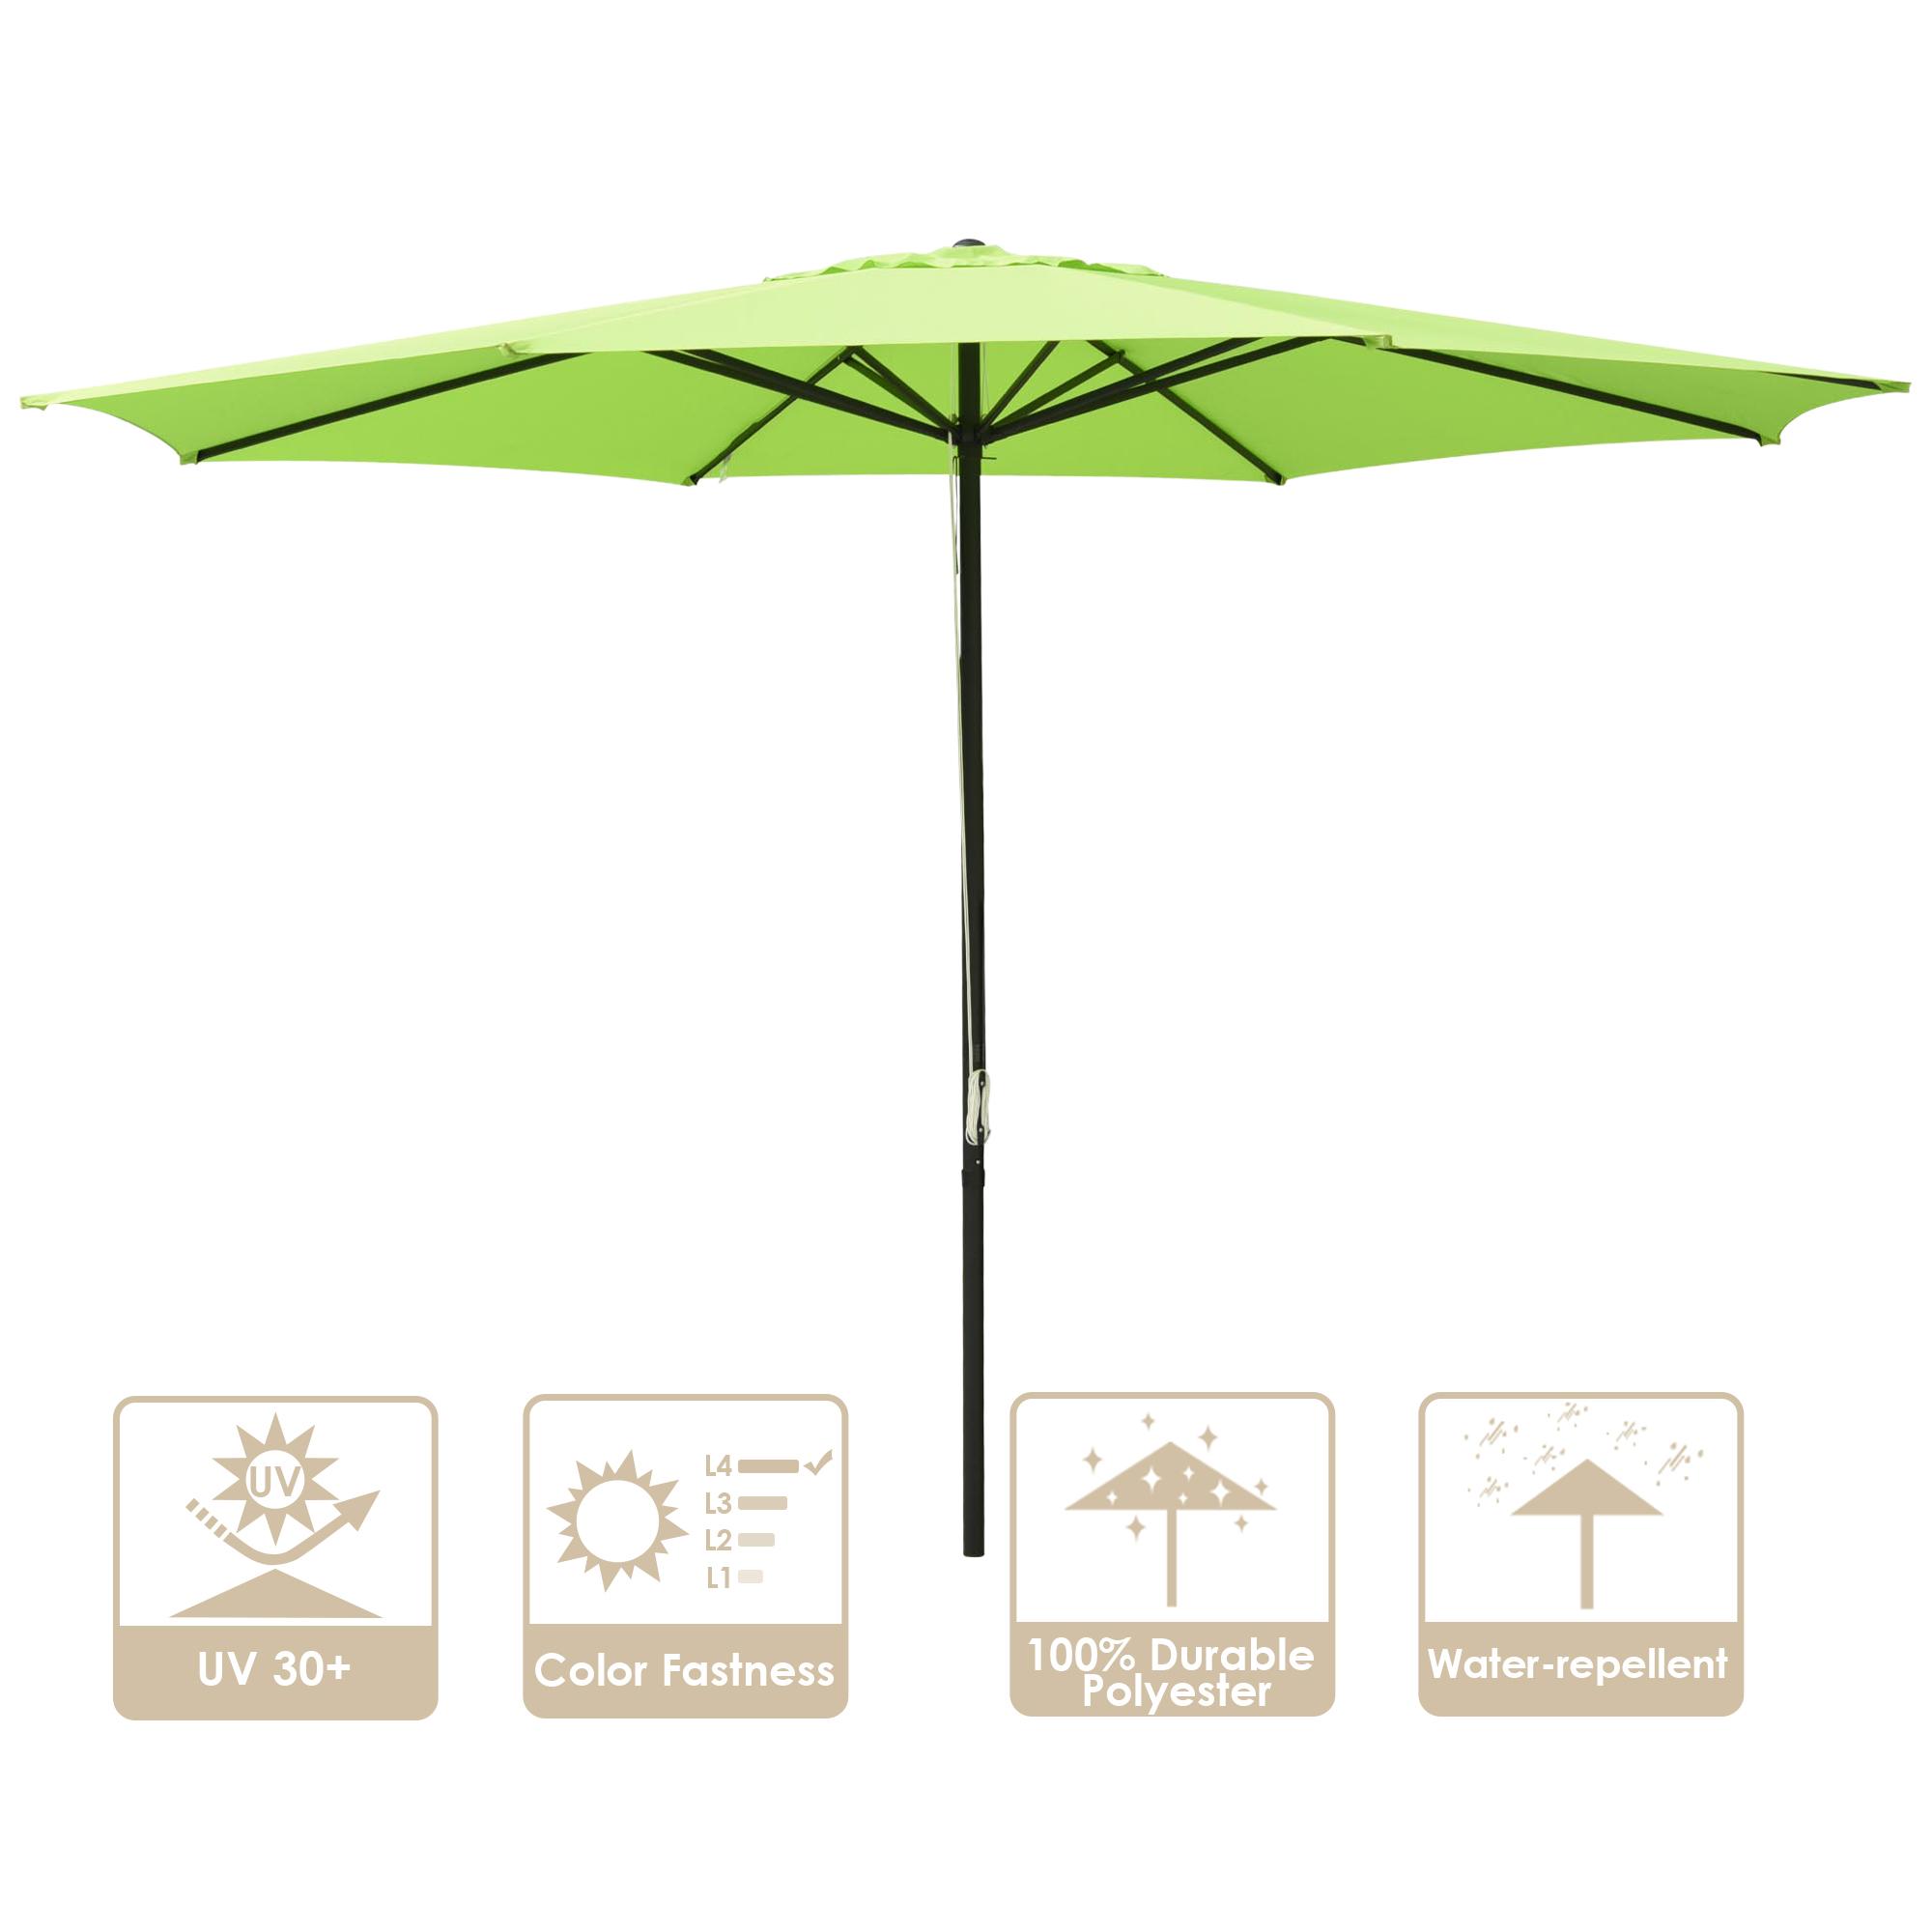 thumbnail 15 - 13' FT Sun Shade Patio Aluminum Umbrella UV30+ Outdoor Market Garden Beach Deck